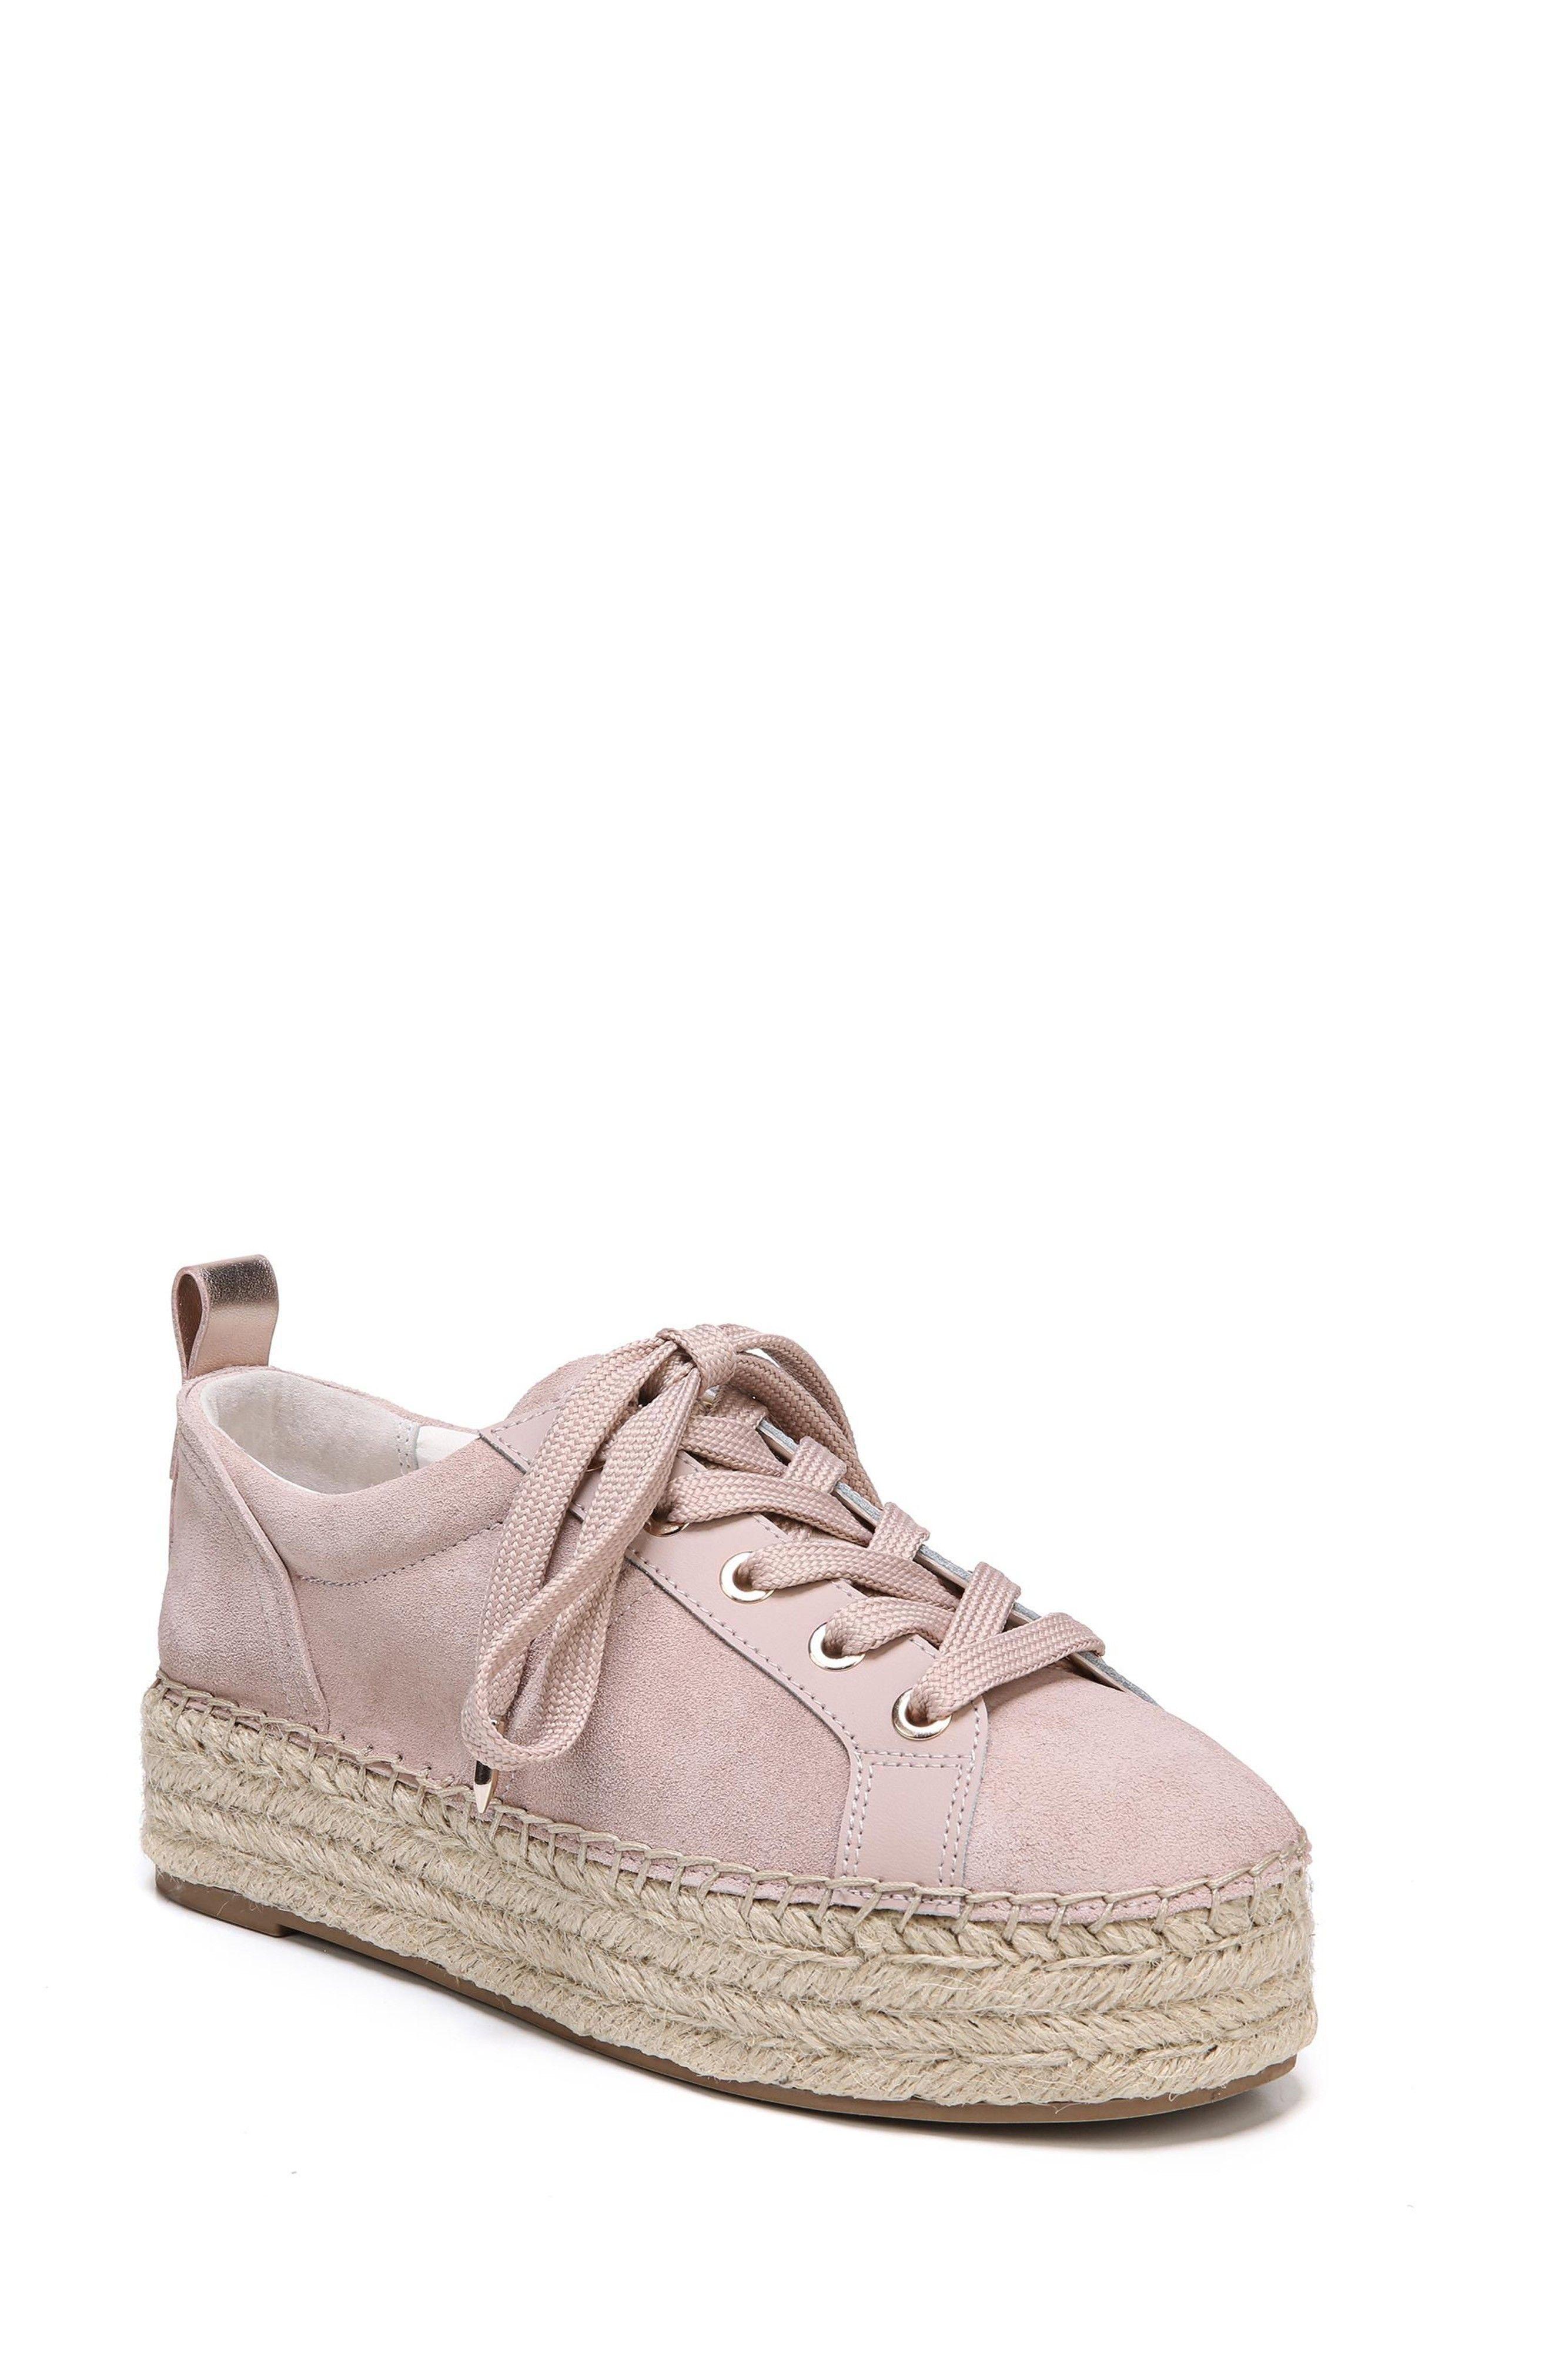 6495e97a6b133 SAM EDELMAN | Carleigh Espadrille Sneaker #Shoes #Sneaker #SAM ...